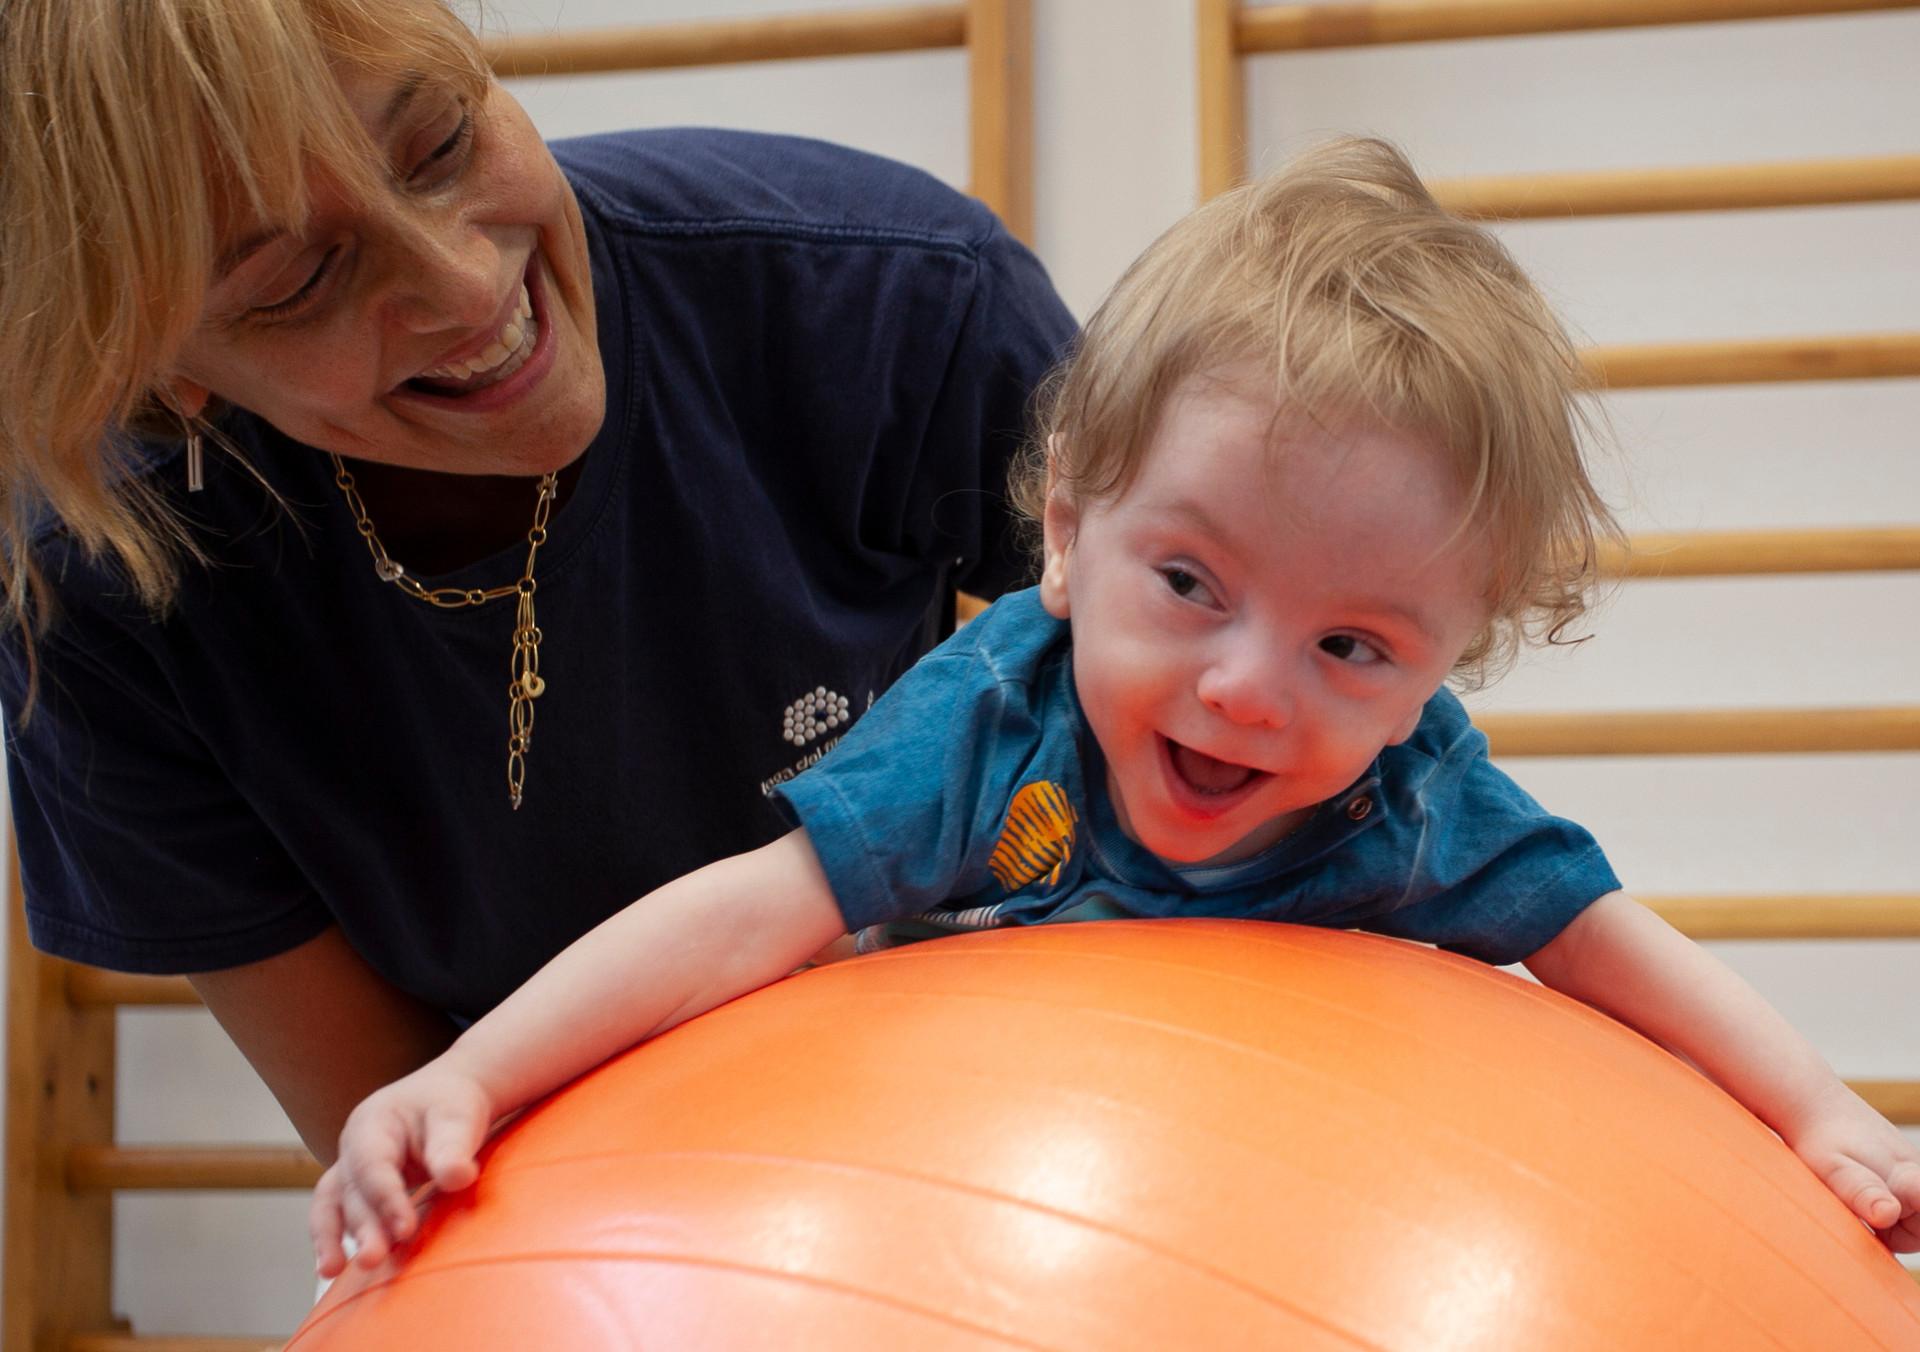 Gabriele, un bambino seguito dalla Lega del Filo d'Oro fa attività di fisioterapia con la sua fisioterapista, che lo sorregge in equilibrio sdraiato su una grande palla arancione. Entrambi ridono divertiti.